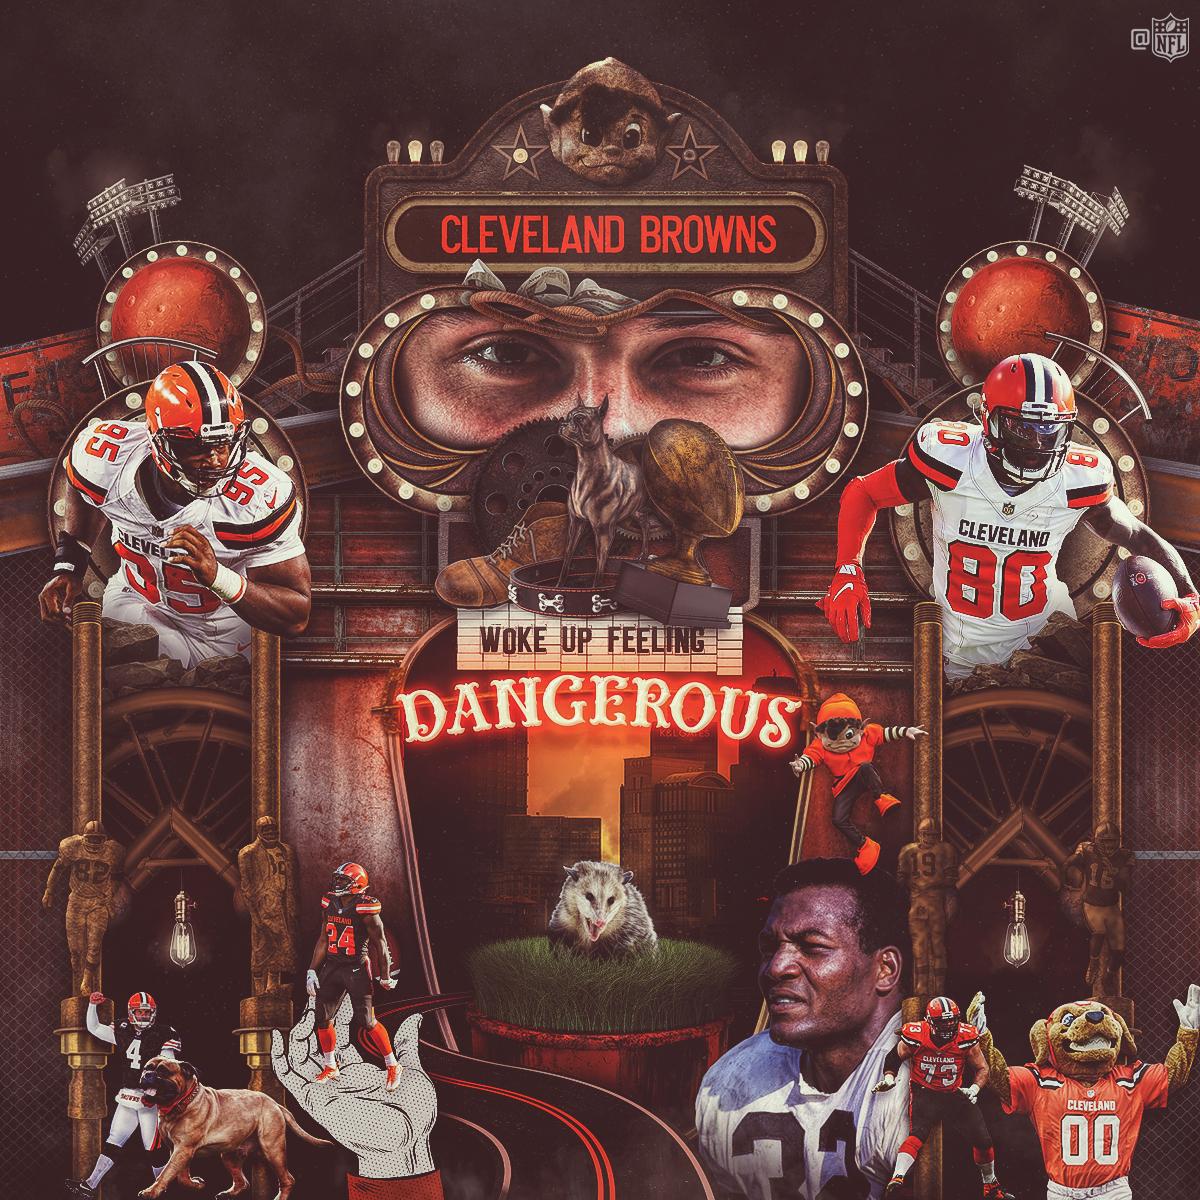 Browns_Dangerous_003.jpg